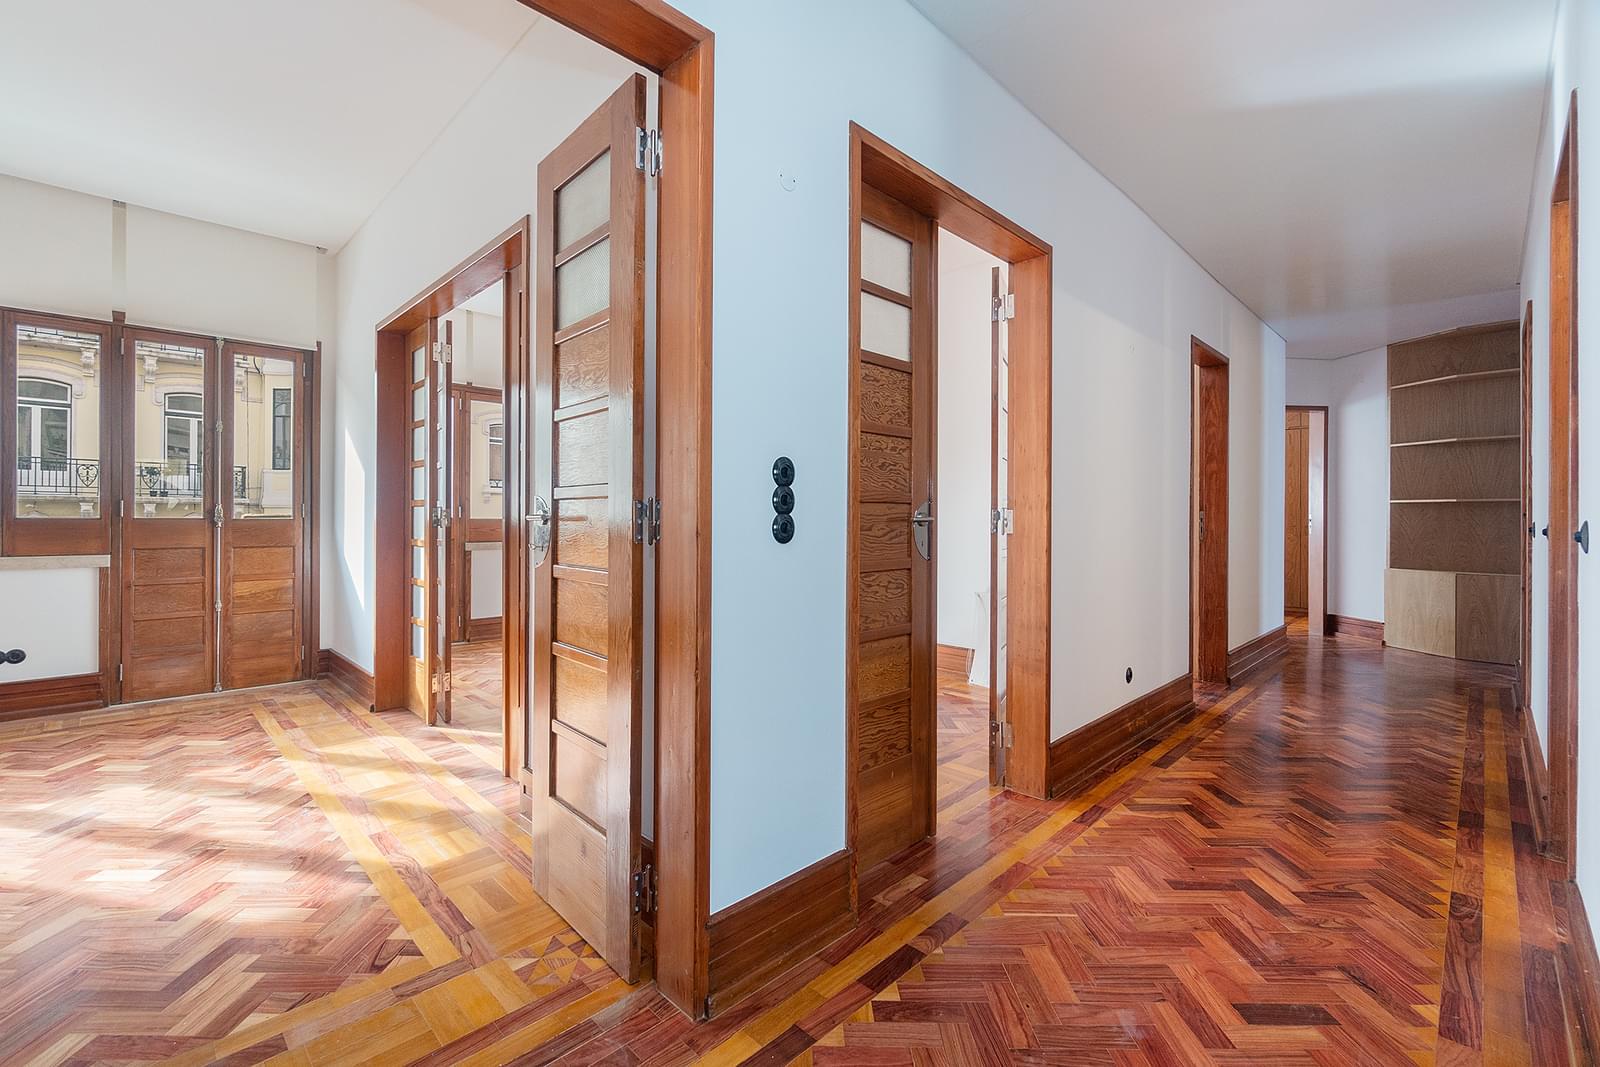 pf18665-apartamento-t3-2-lisboa-945882bd-a424-4e56-a697-769f3d363093